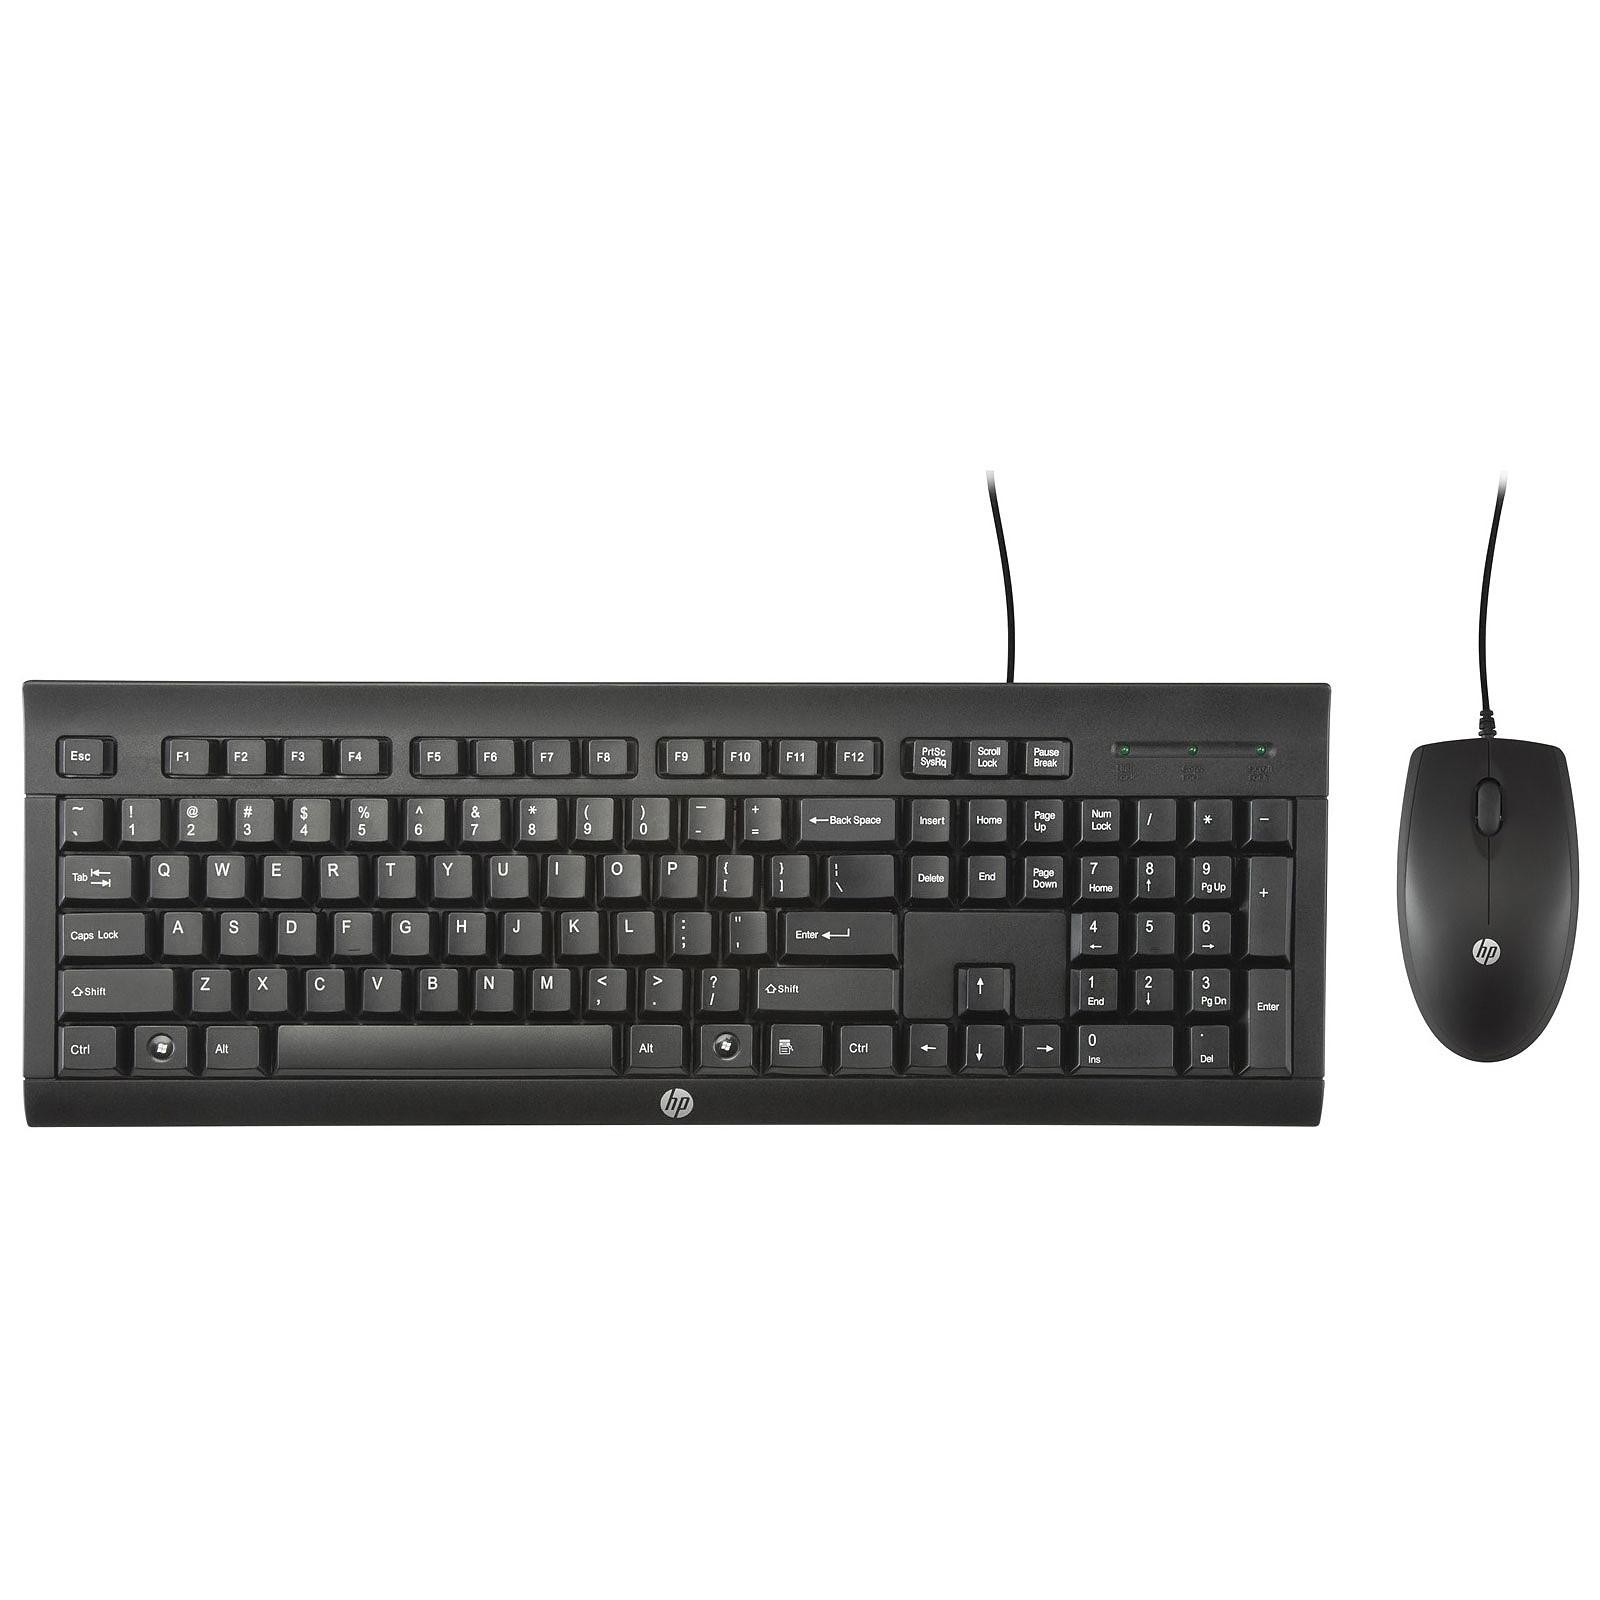 HP C2500